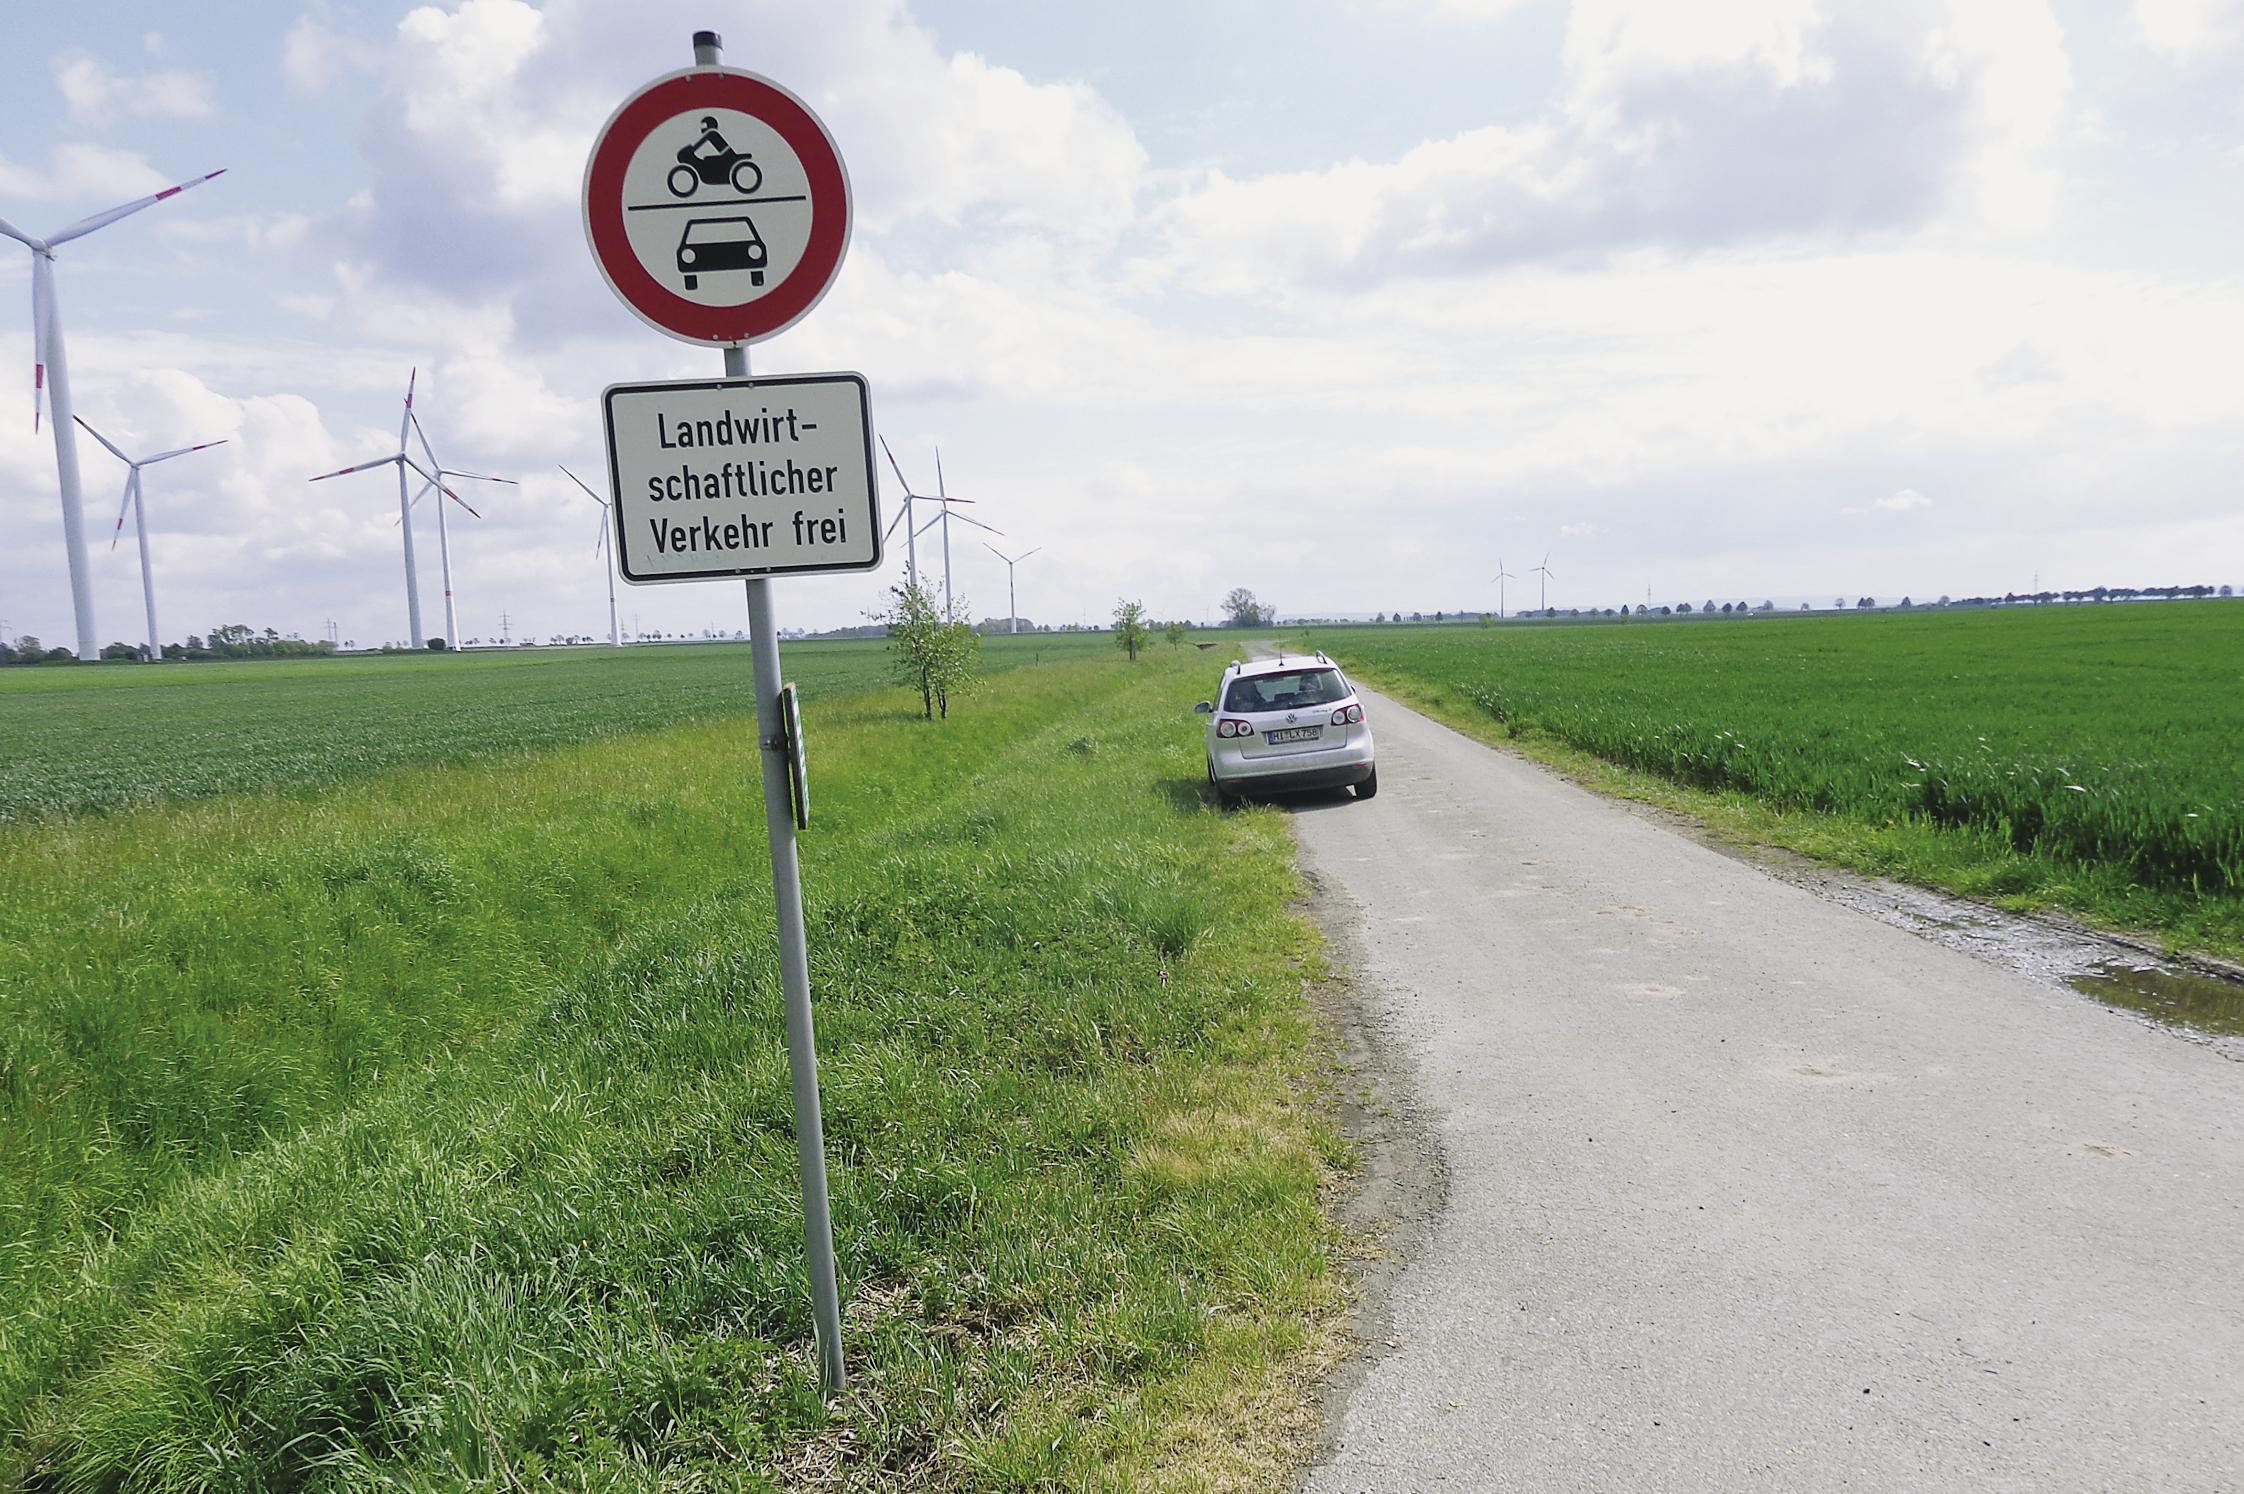 Strassenverkehr Aktuell